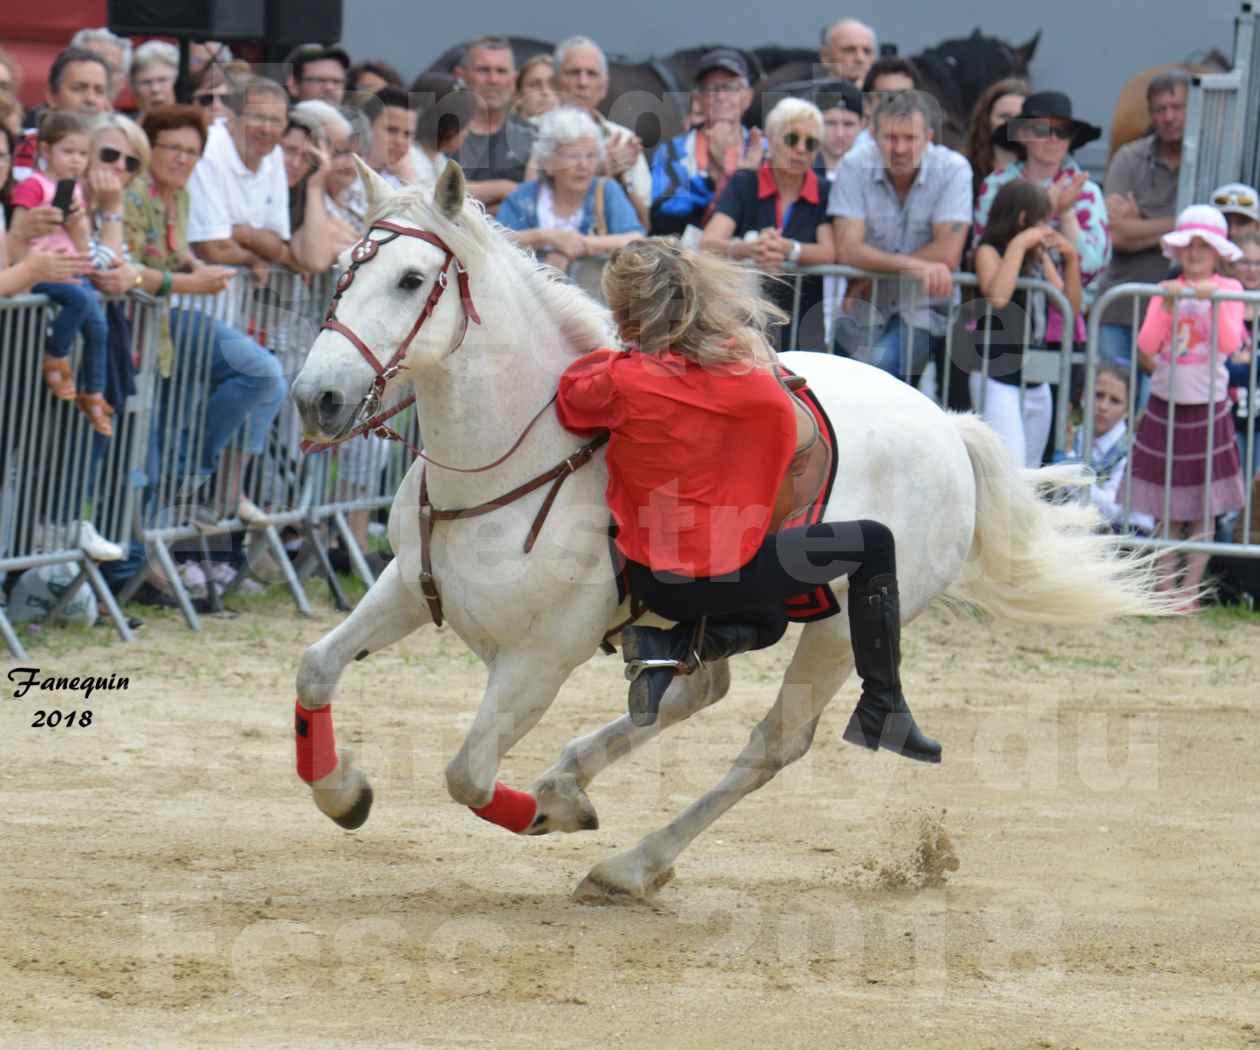 Spectacle Équestre le 3 juin 2018 à Saint Gély du Fesc - Voltige équestre - Troupe de Jean Antoine FIRMIN - 28